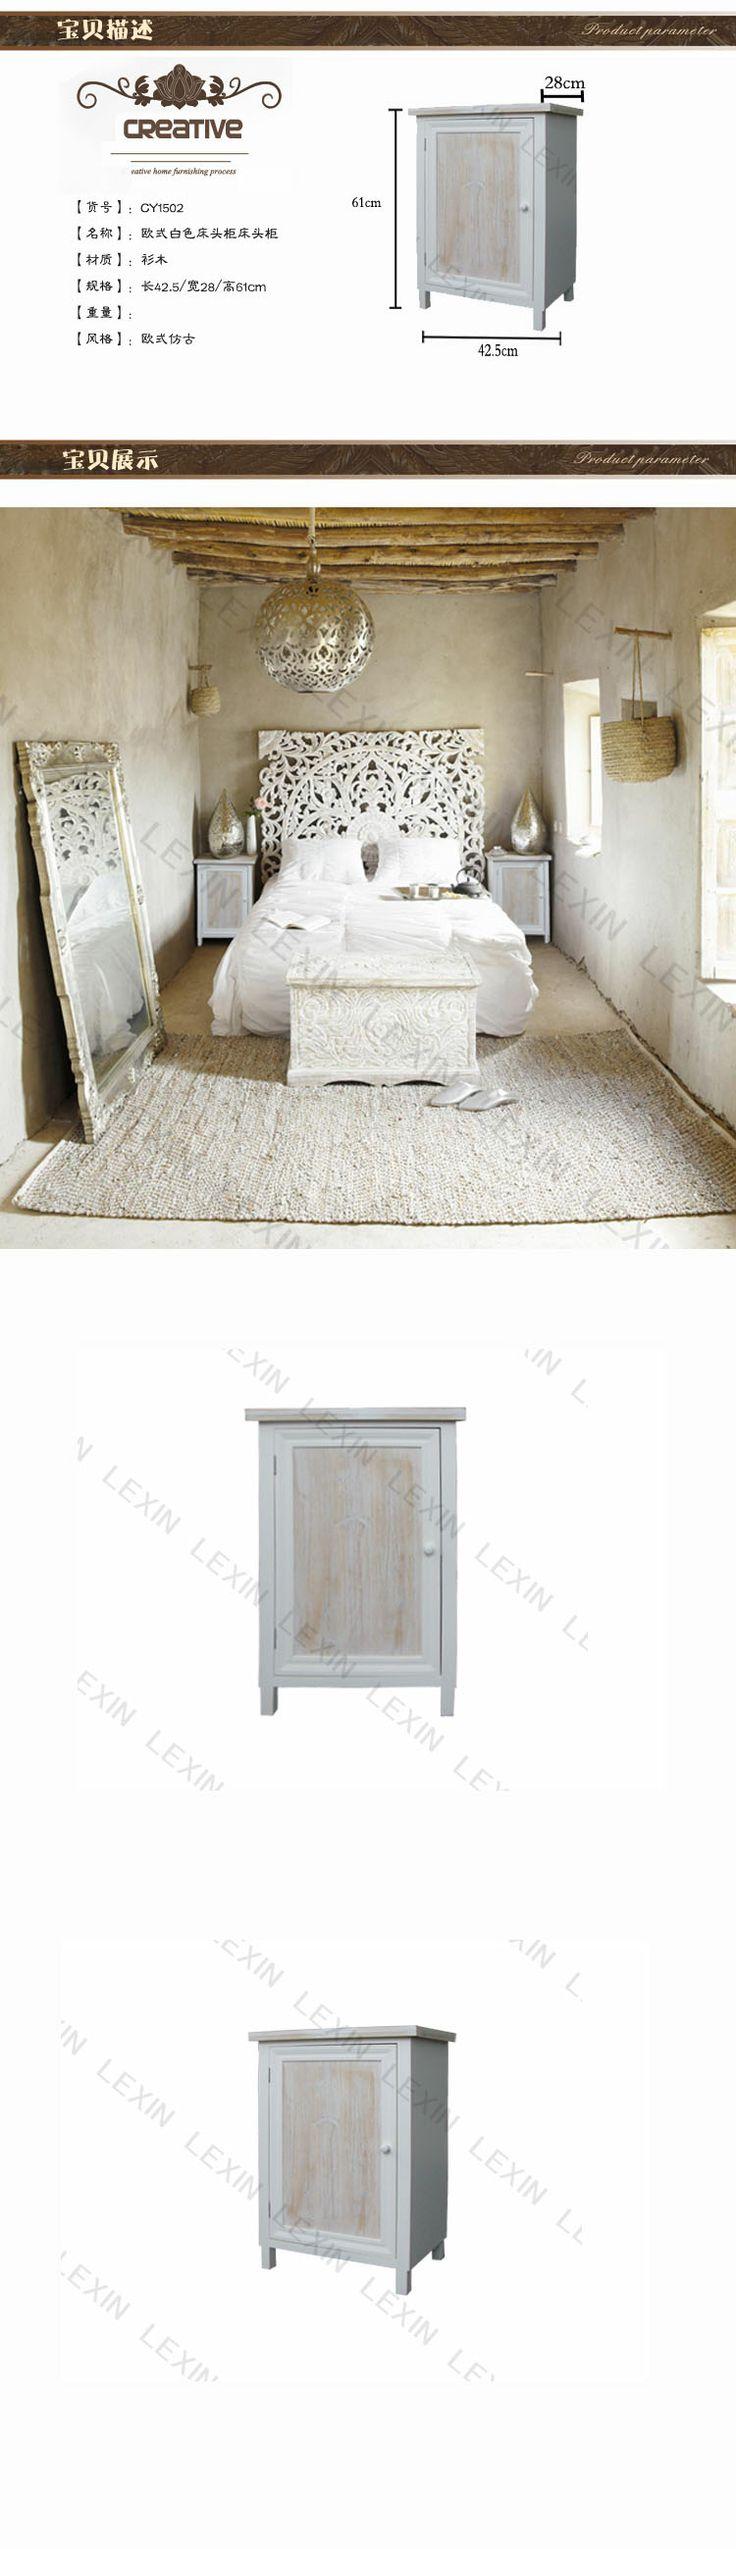 Европейские минималистский средиземноморском стиле белый деревянные тумбочки - Taobao